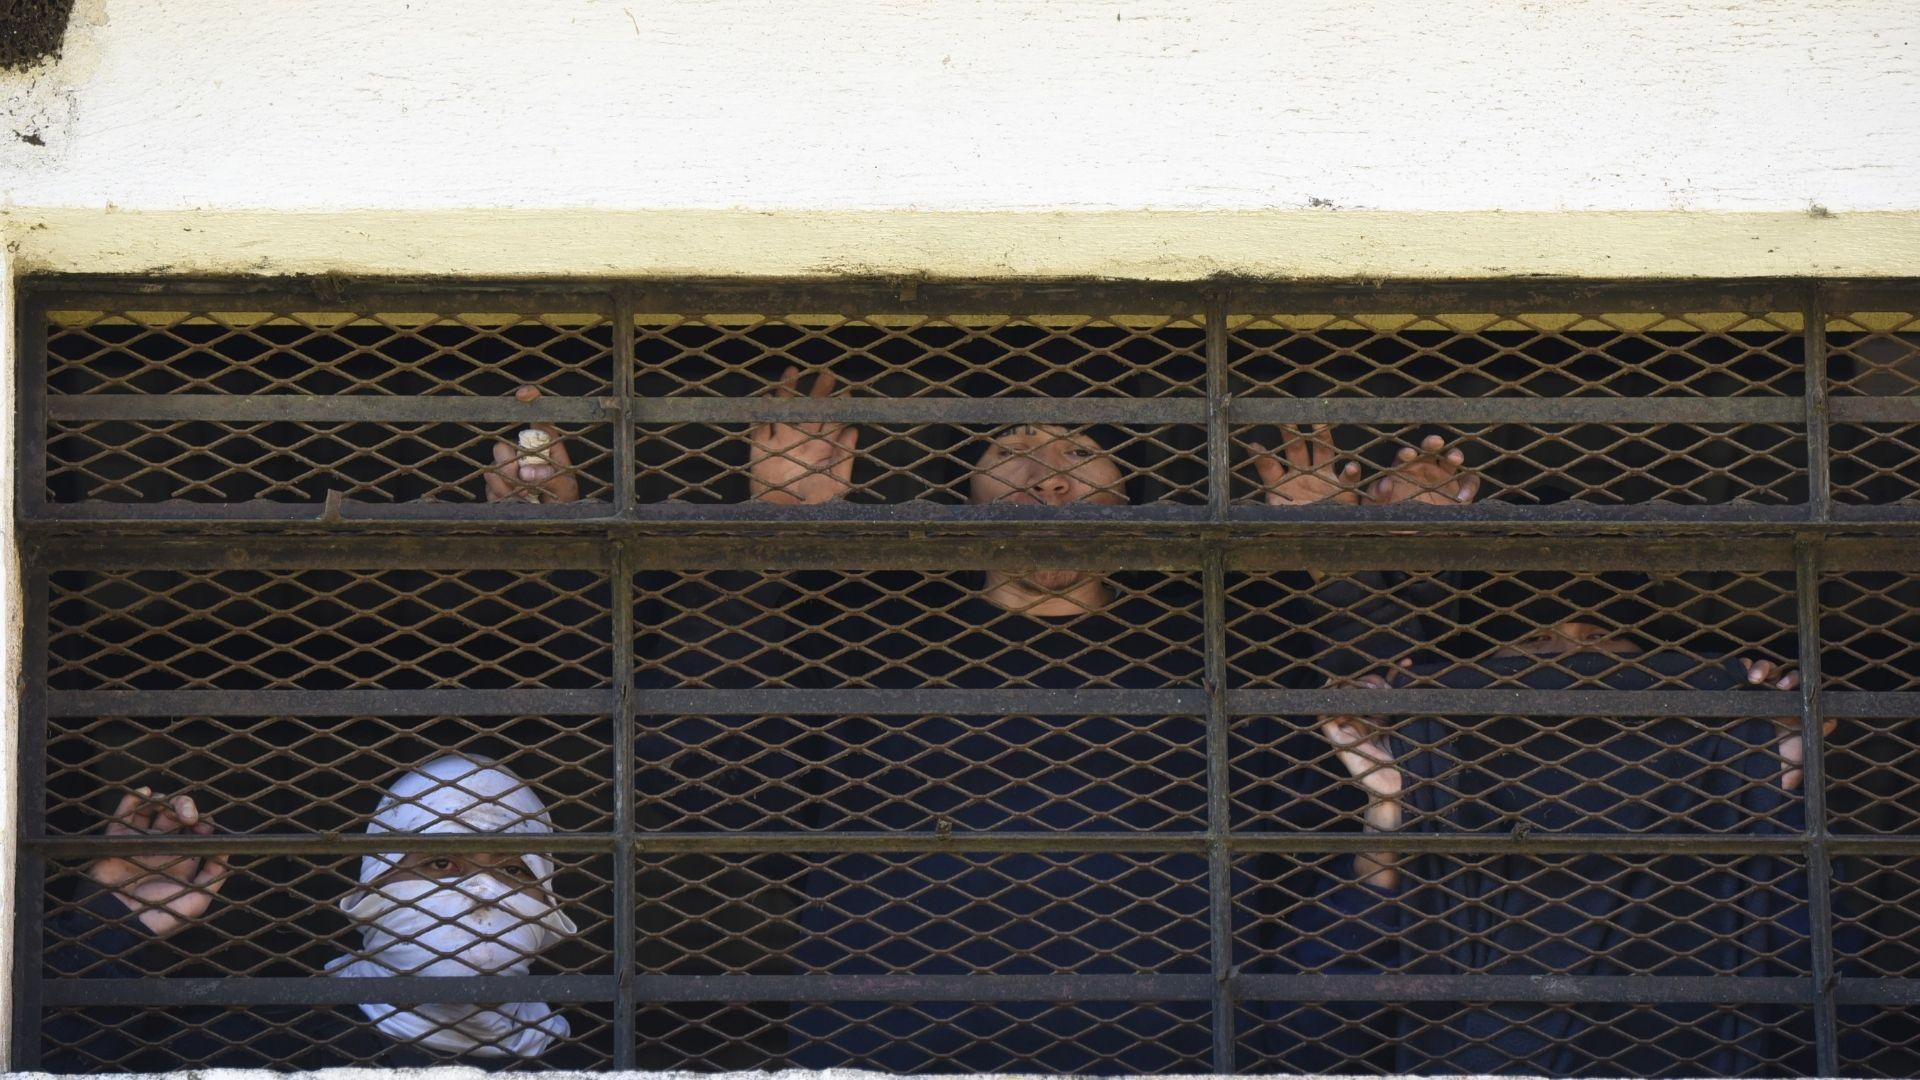 Una Ventana a la Libertad: Presos de la policía estadal piden reanudar visitas familiares en Carúpano